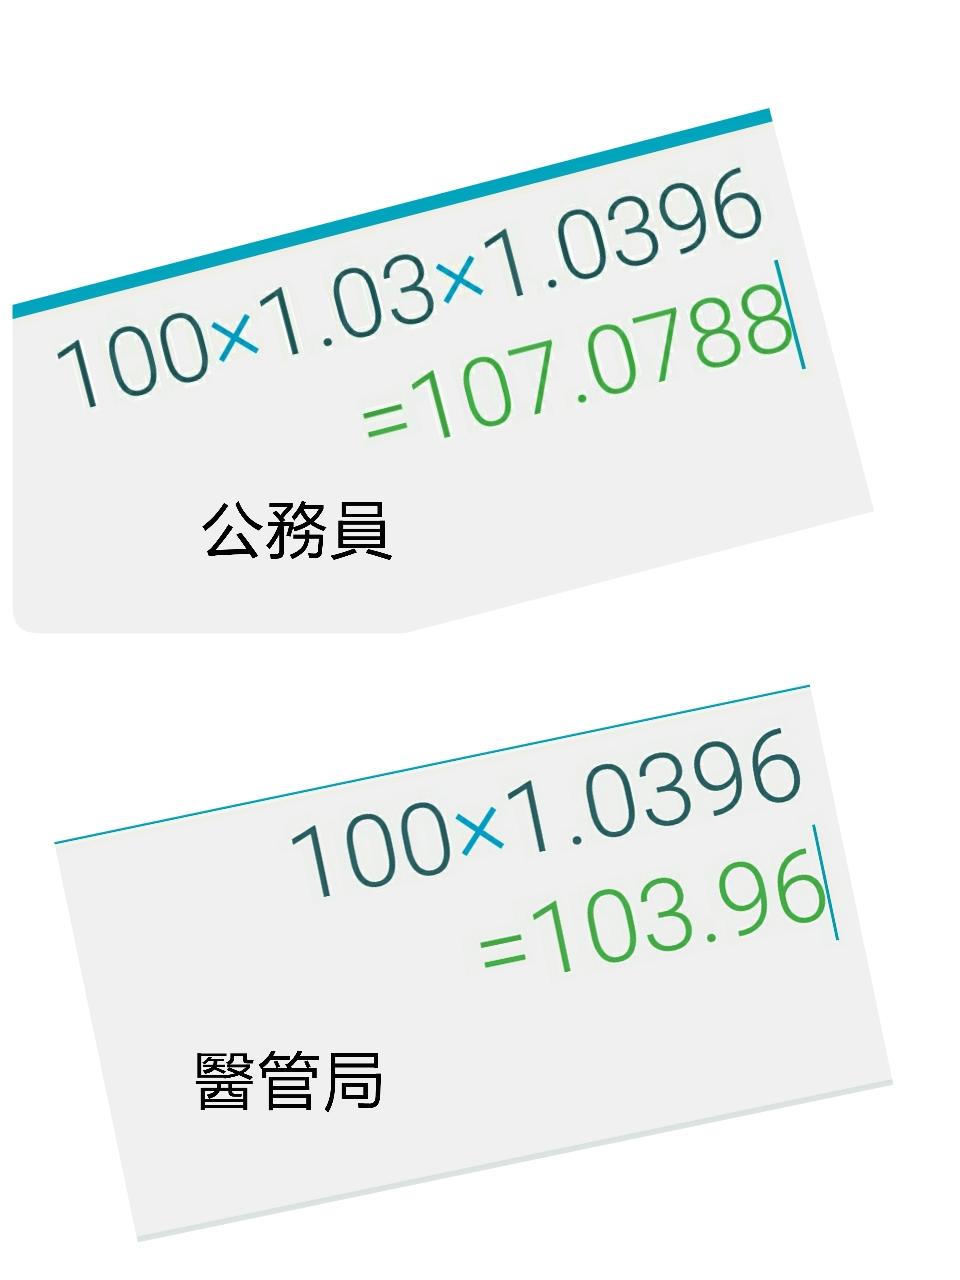 HKPDA news: 3% FAQ